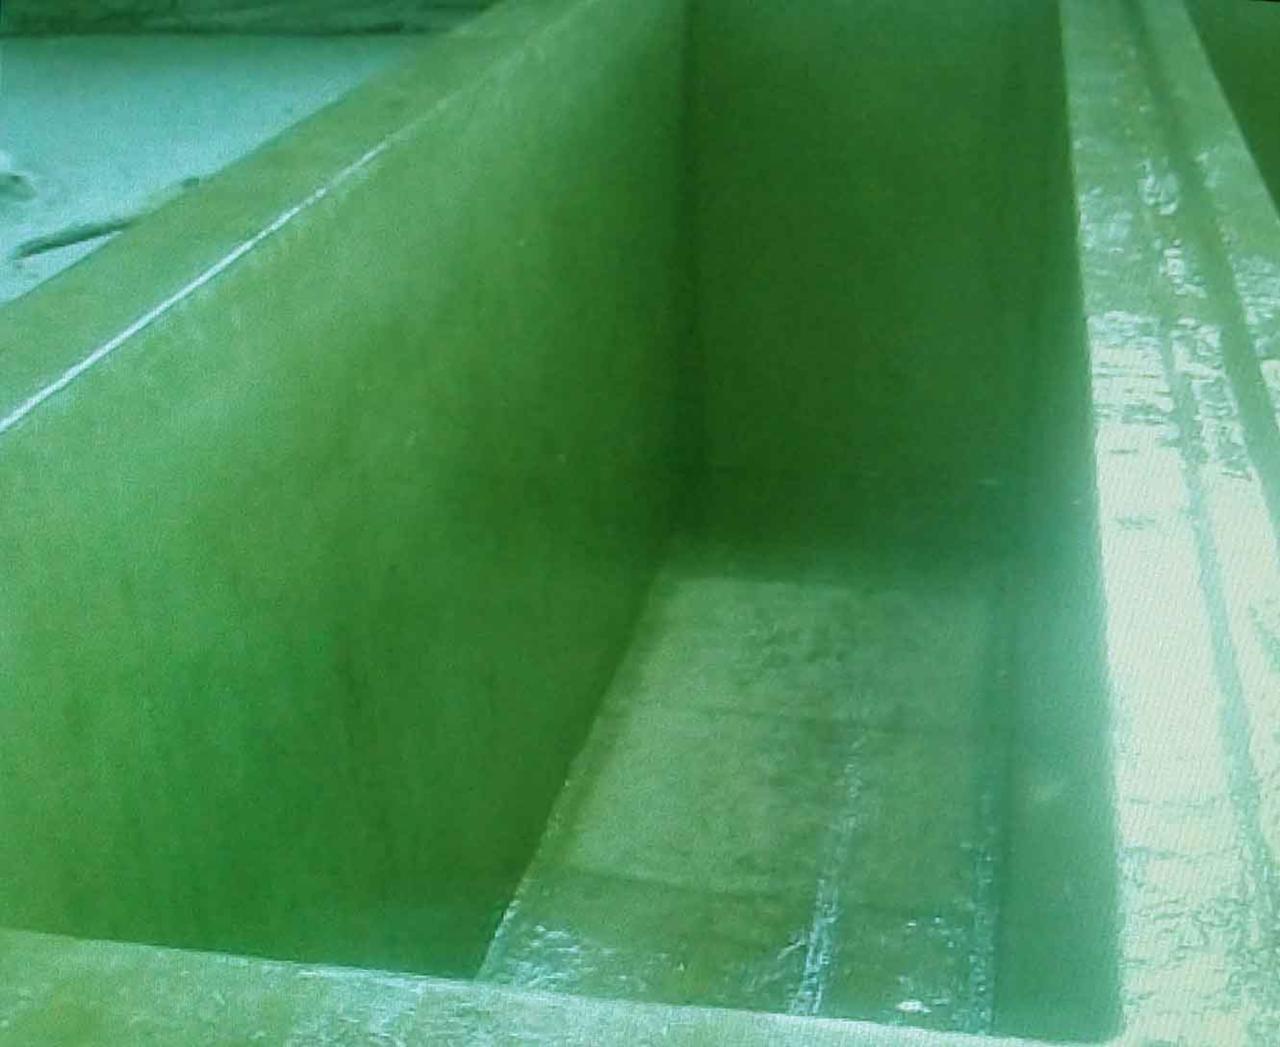 耐酸�A 防��裂的聚乙烯基防腐涂料�r格